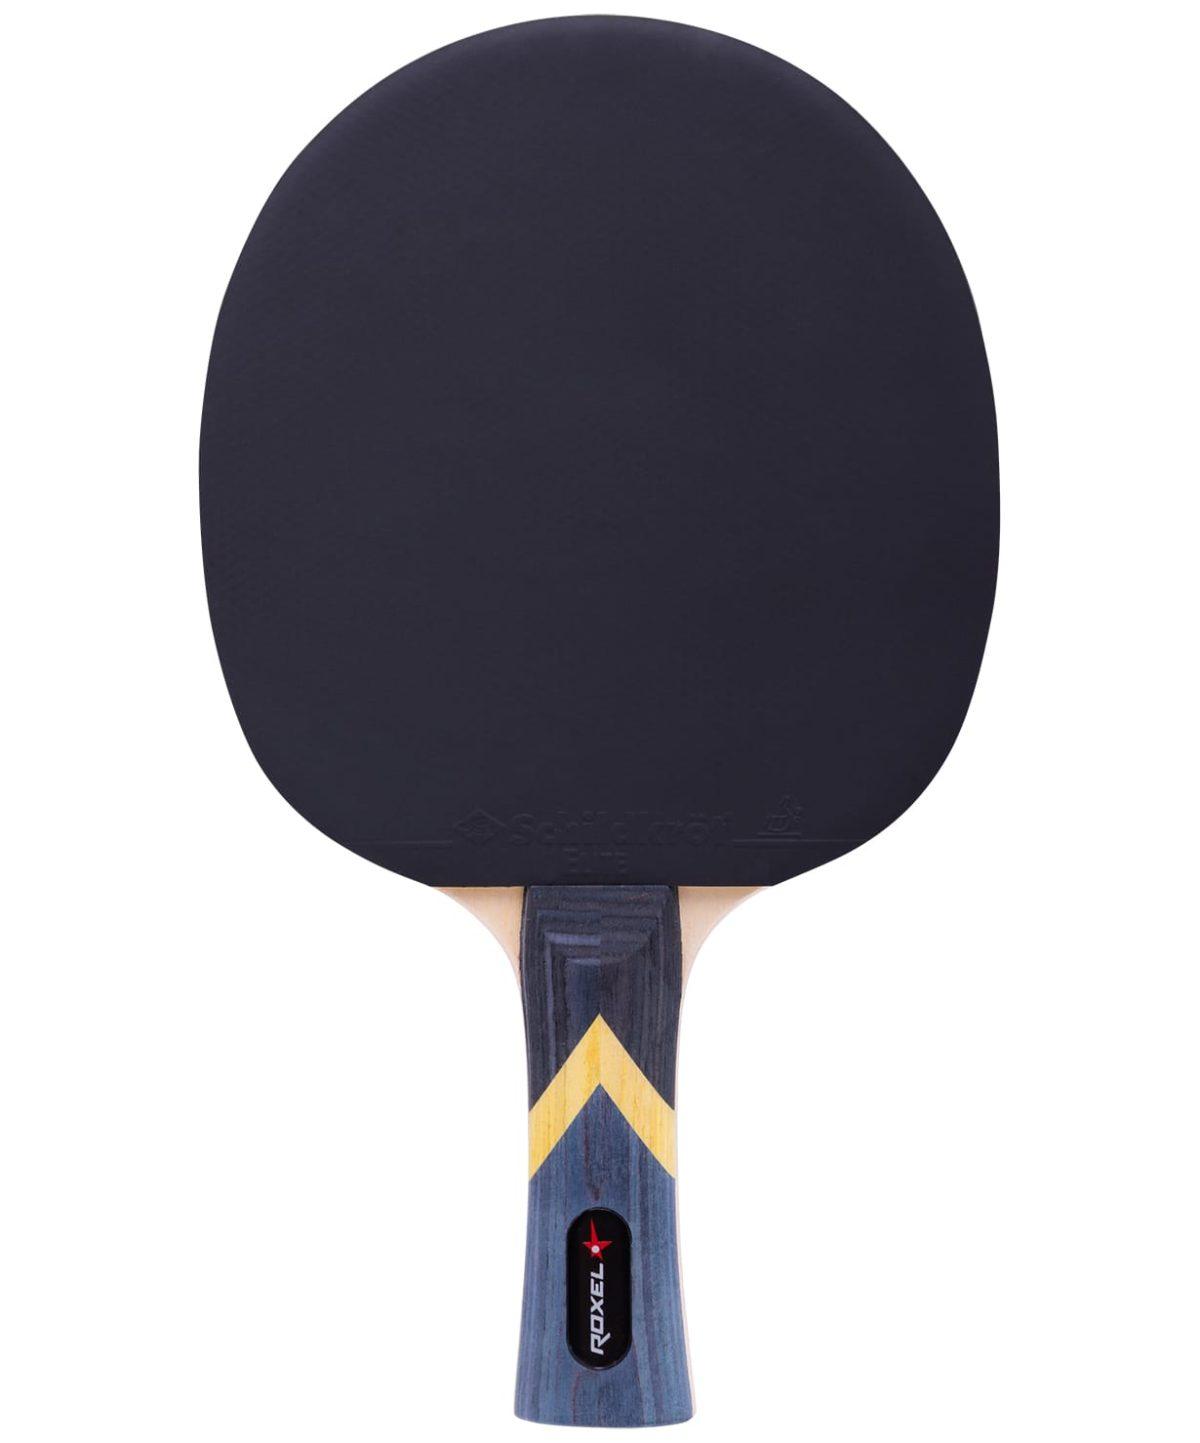 ROXEL 1* Forward Ракетка для настольного тенниса, коническая  15355 - 2